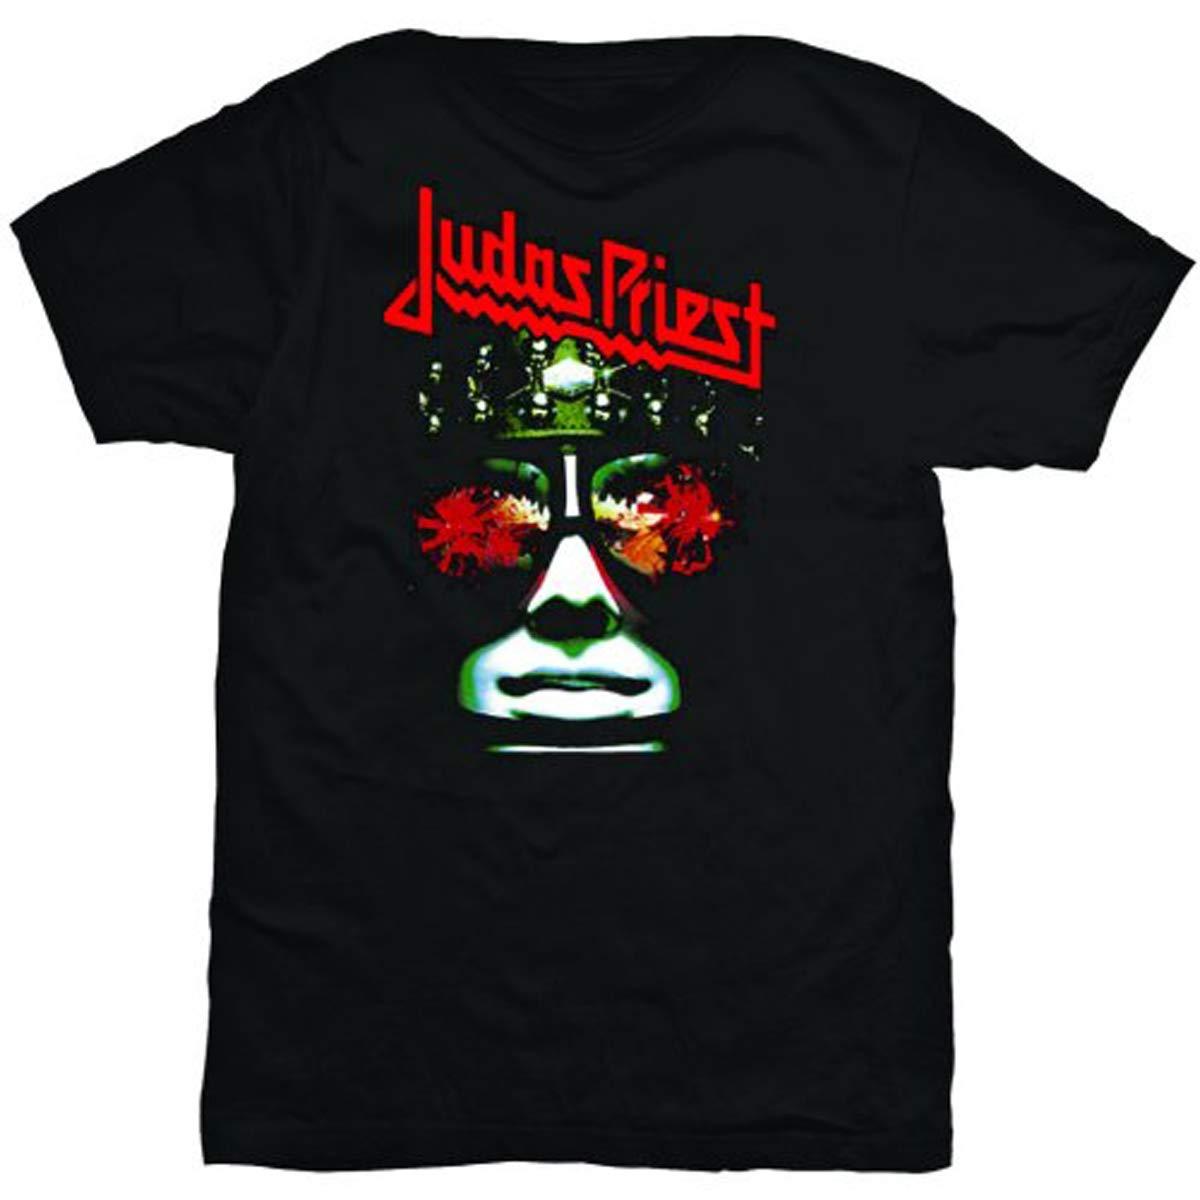 XXL Black Men's Judas Priest Hell-bent T-shirt